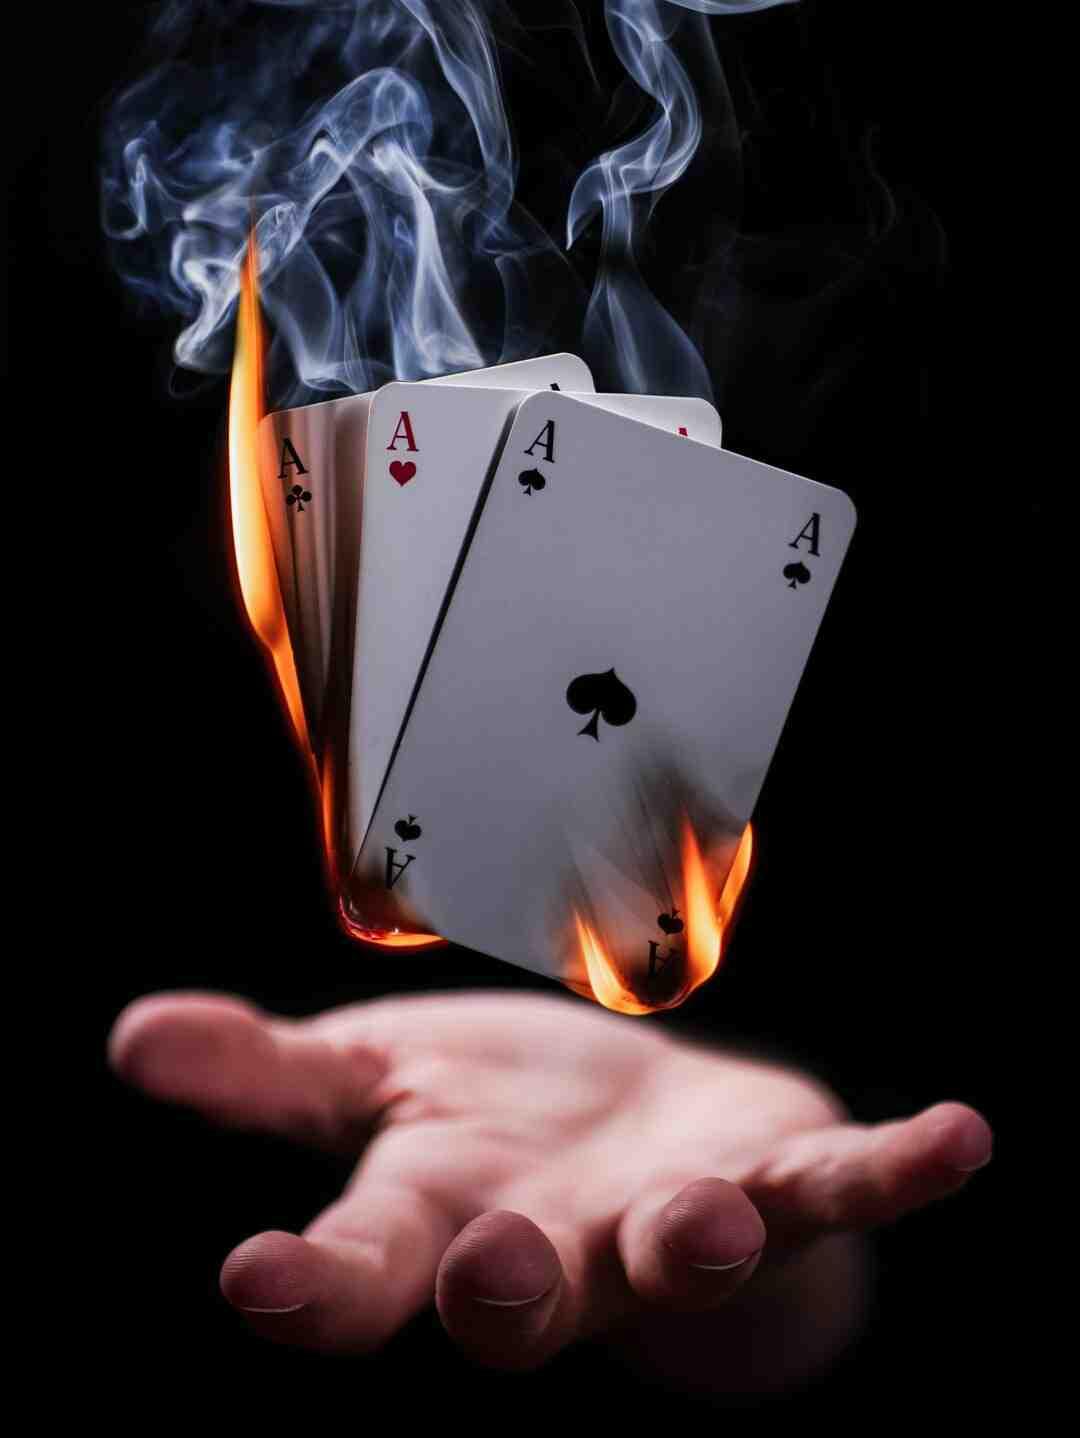 Comment faire disparaître une personne tour de magie ?